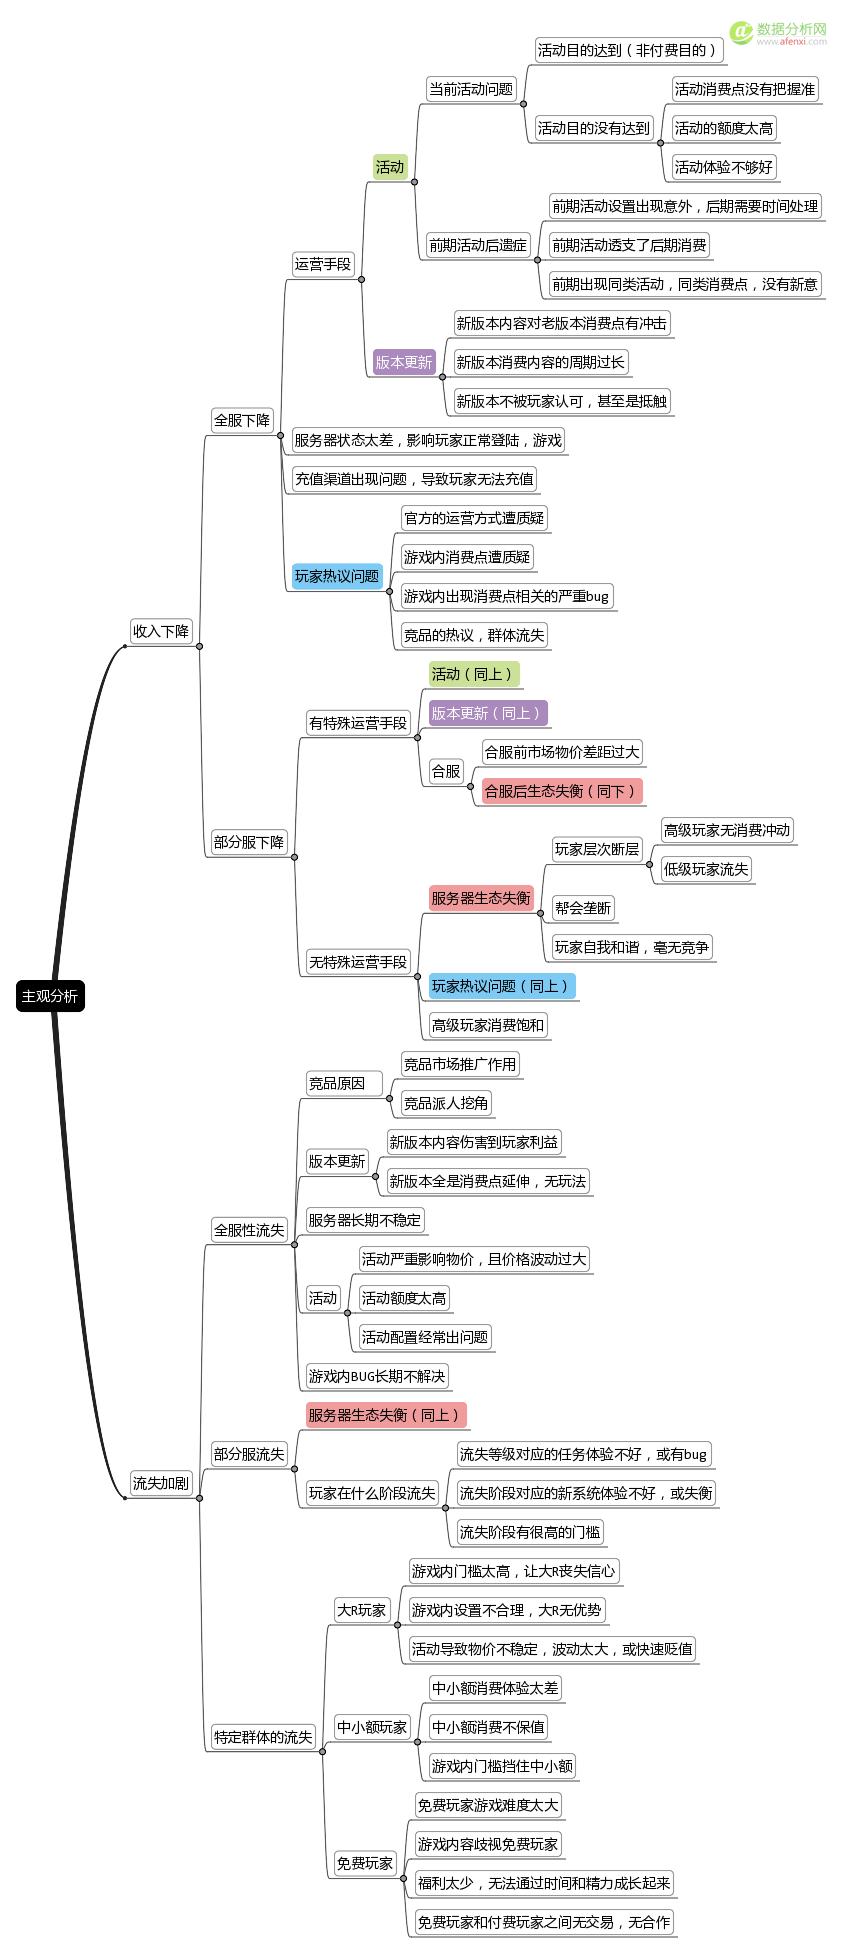 数据分析思维导图